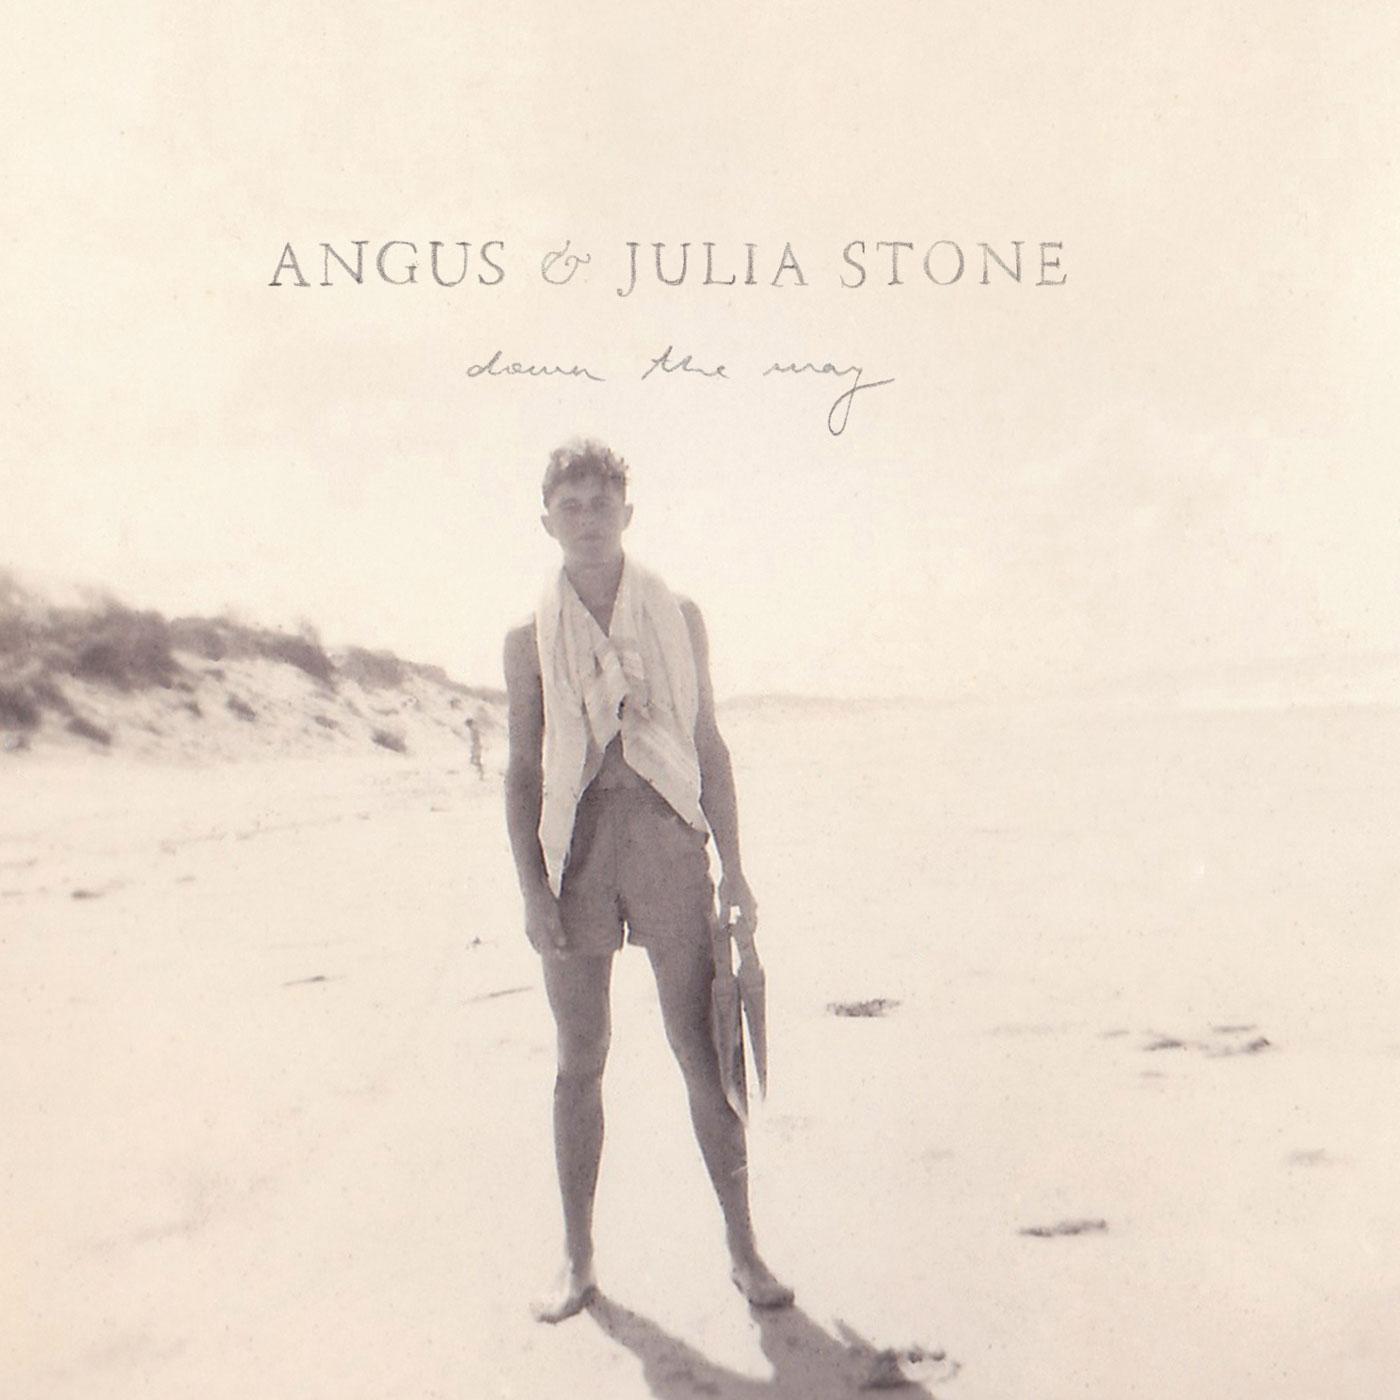 ANGUS JULIA STONE DOWN THE WAY